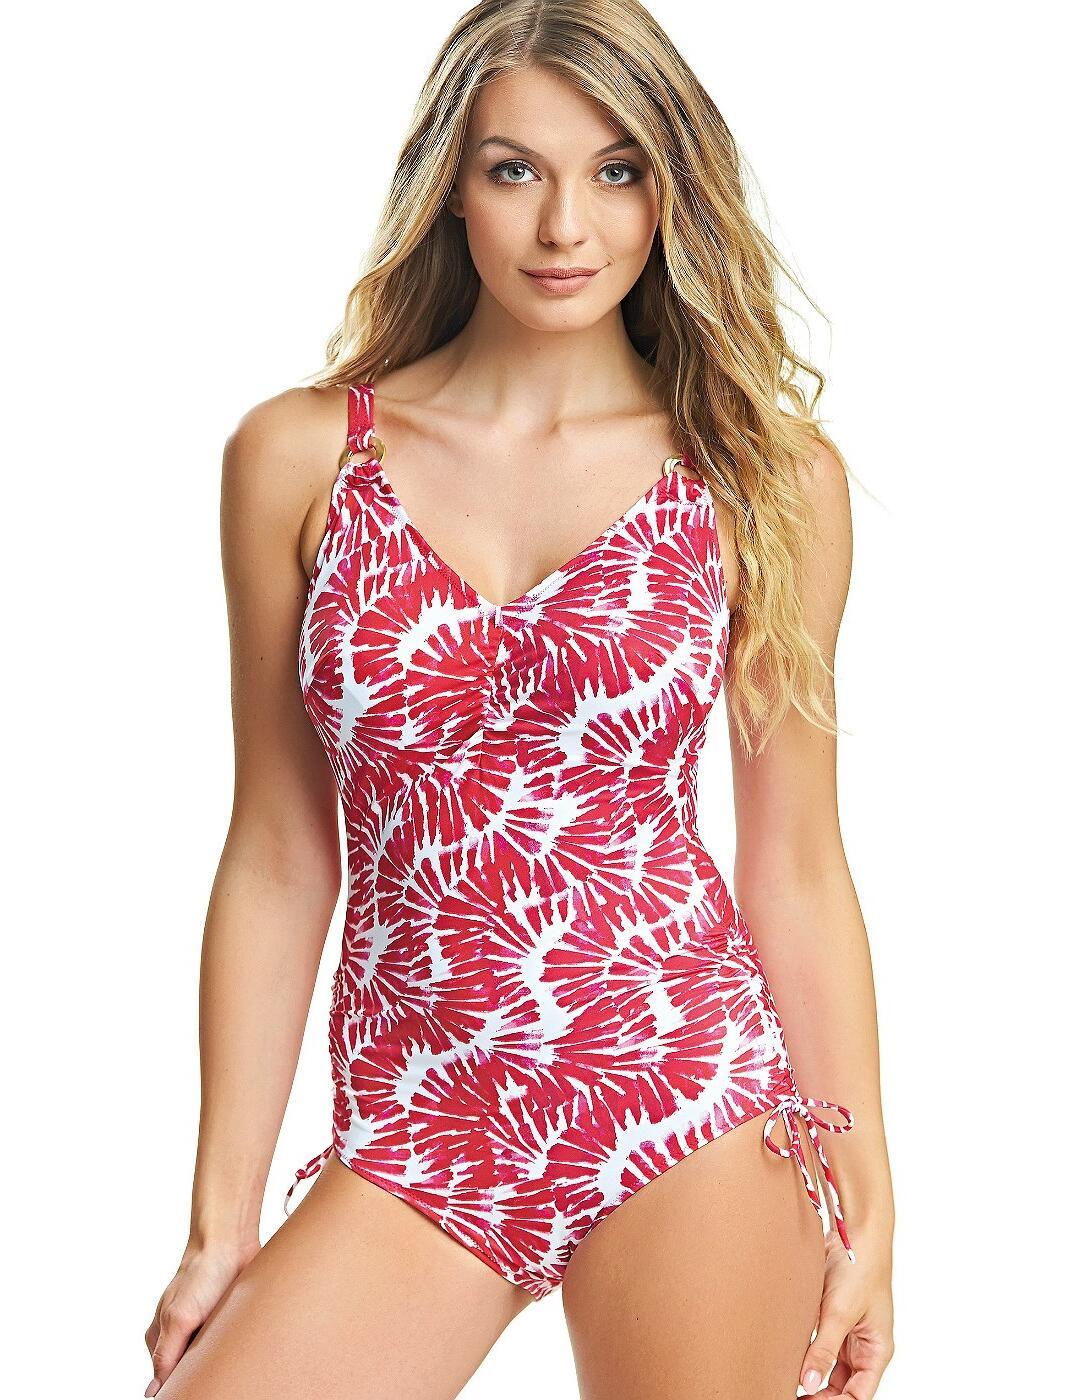 6319 Fantasie Lanai Adjustable Leg Swimsuit  - 6319 Rose Red